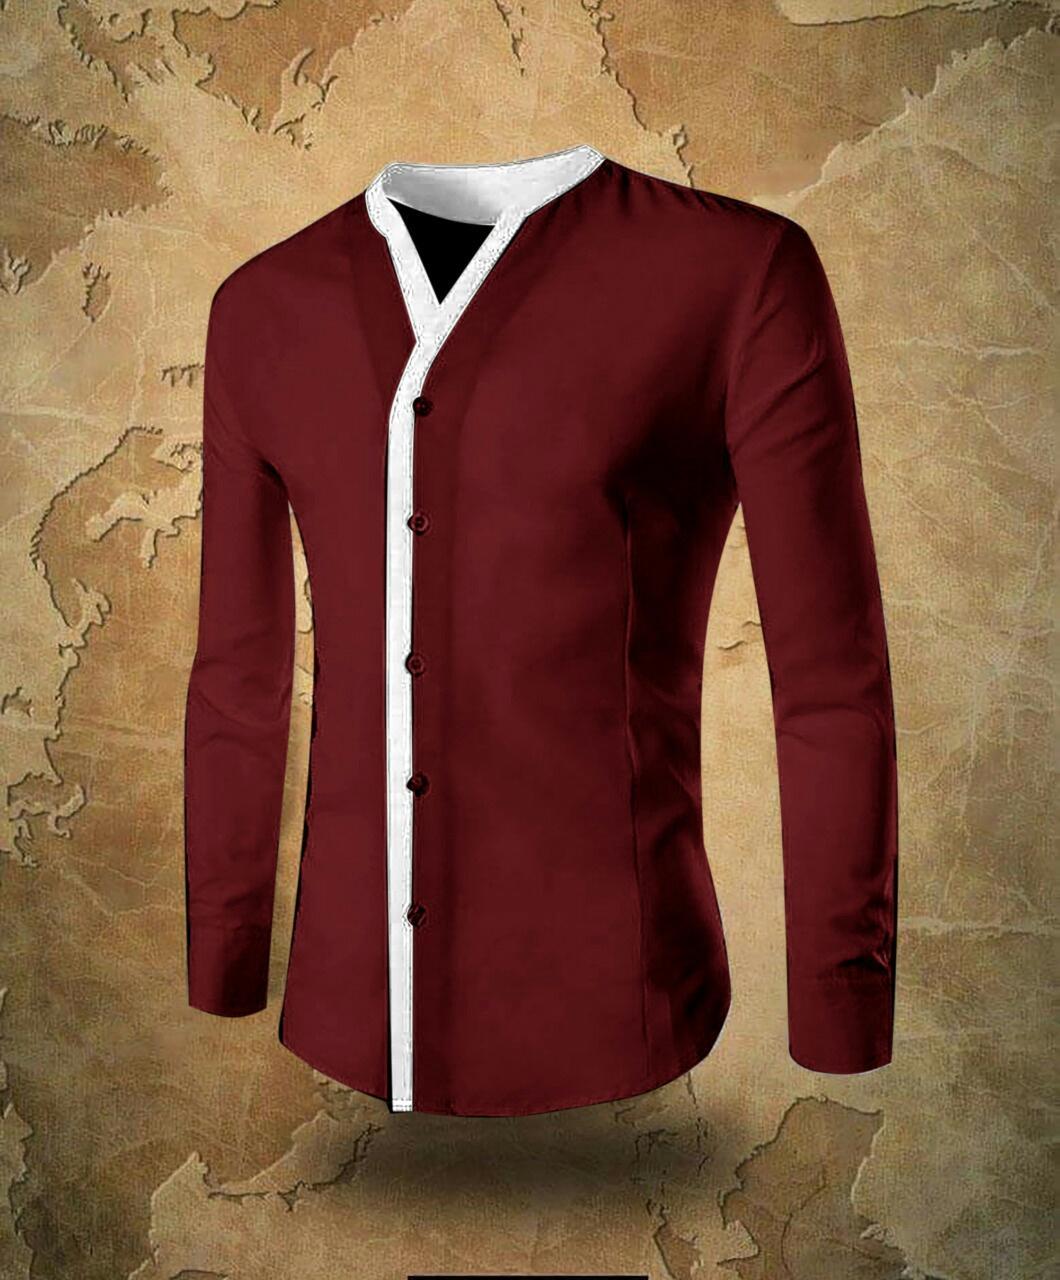 Katalog Baju Koko Cardinal Casual Murah Kemeja Pria Polos Lengan Panjang Slim Fit Kedai Korean Style Slimfit Ton 7z